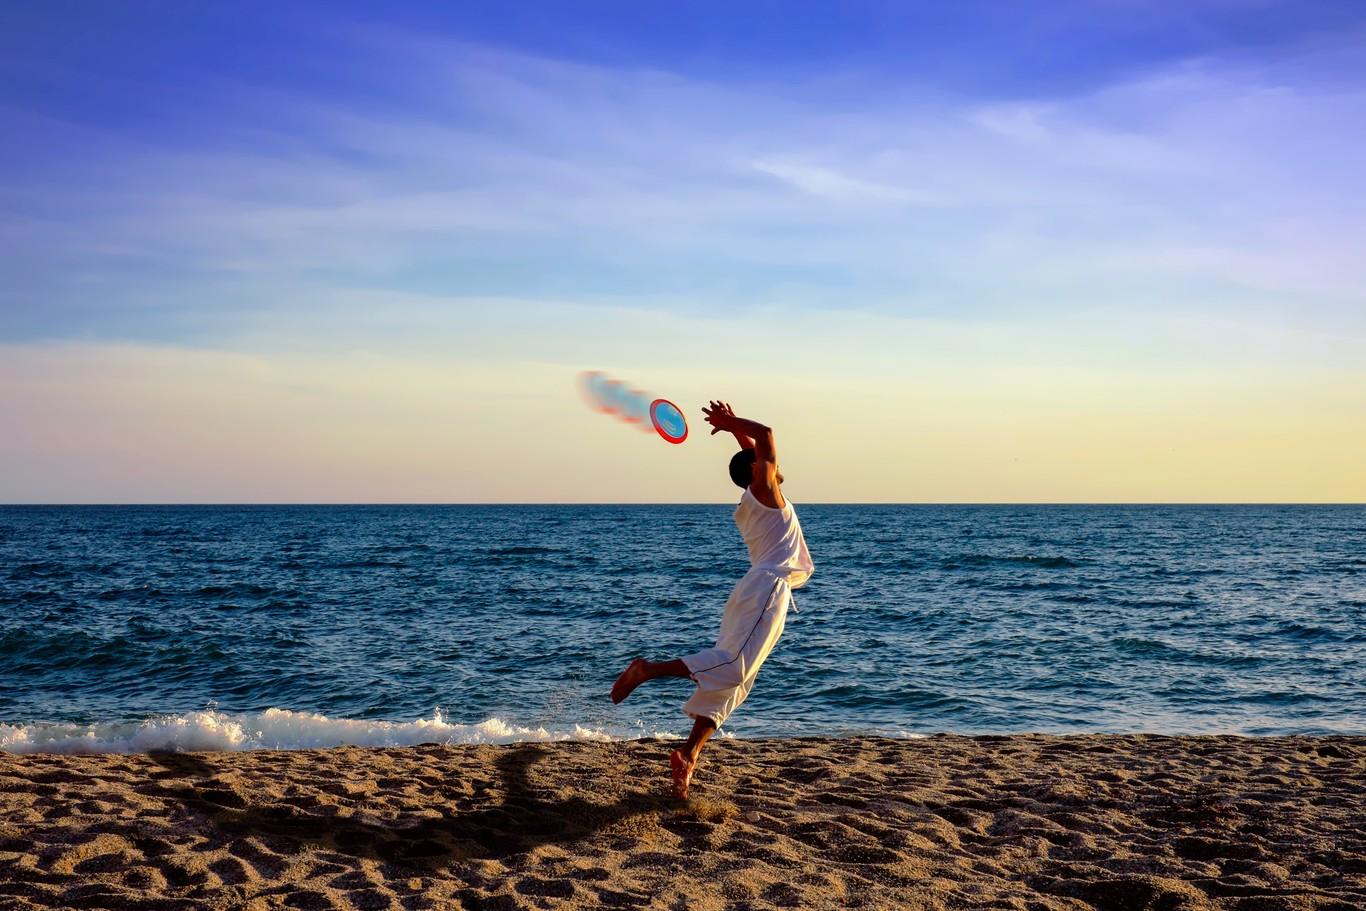 Deporte y diversión en la playa: máscaras de buceo, palas, voley playa y mucho más